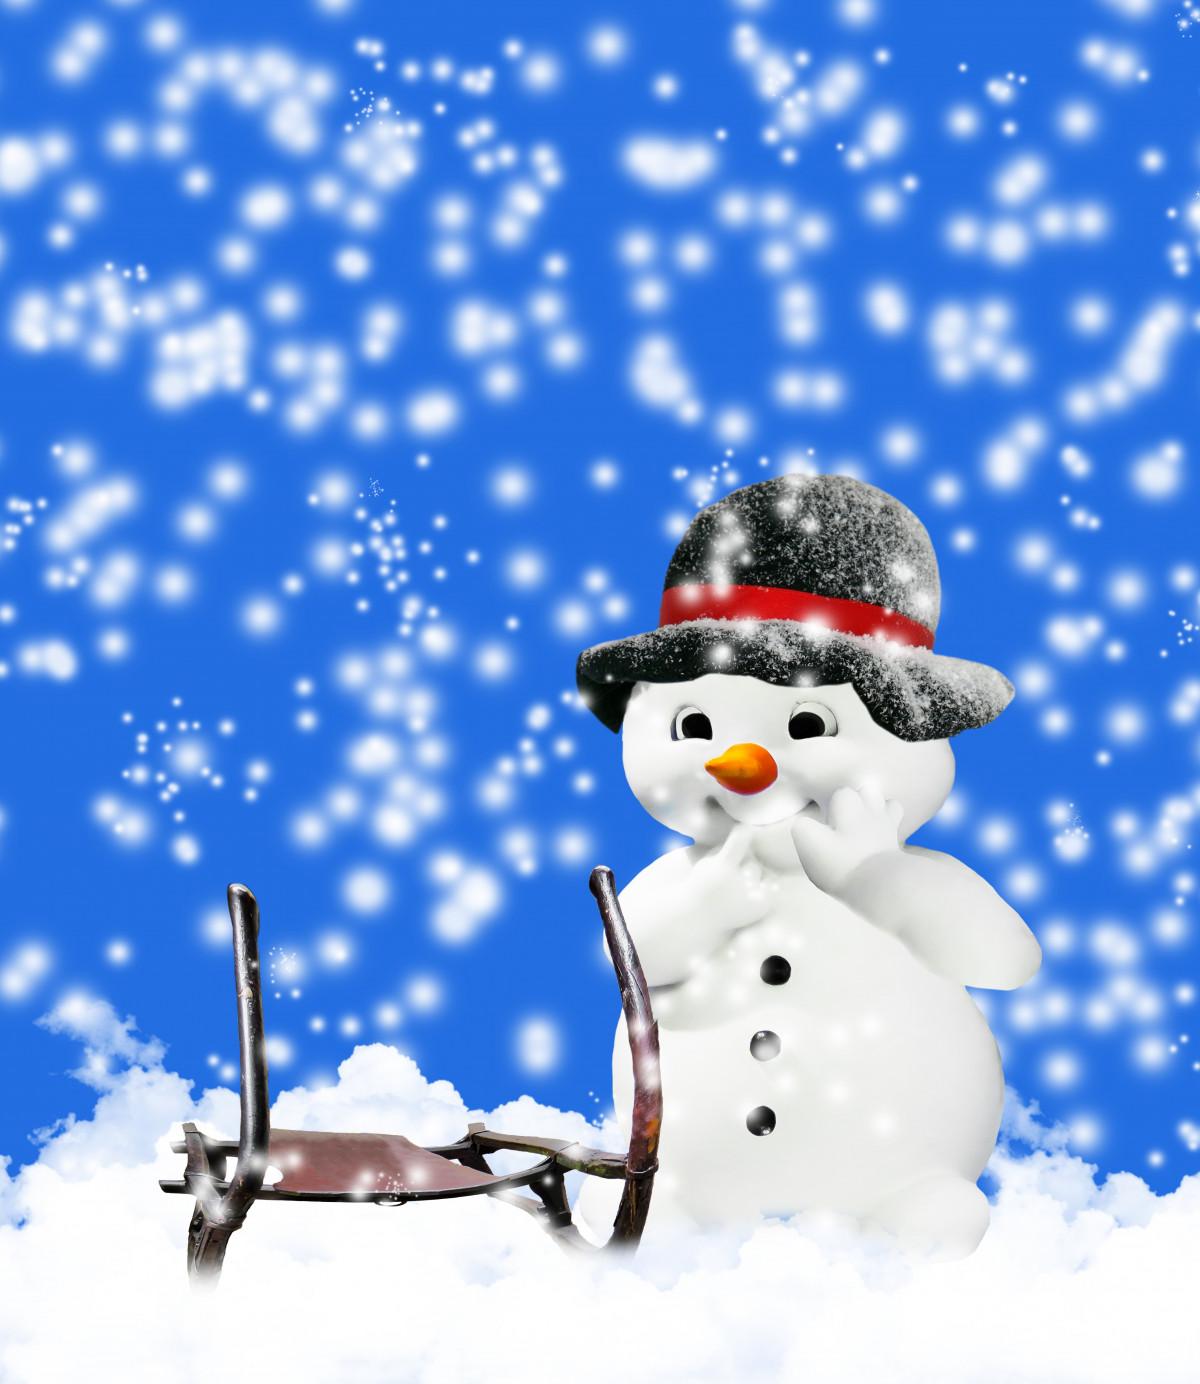 Картинки анимашки снегопад